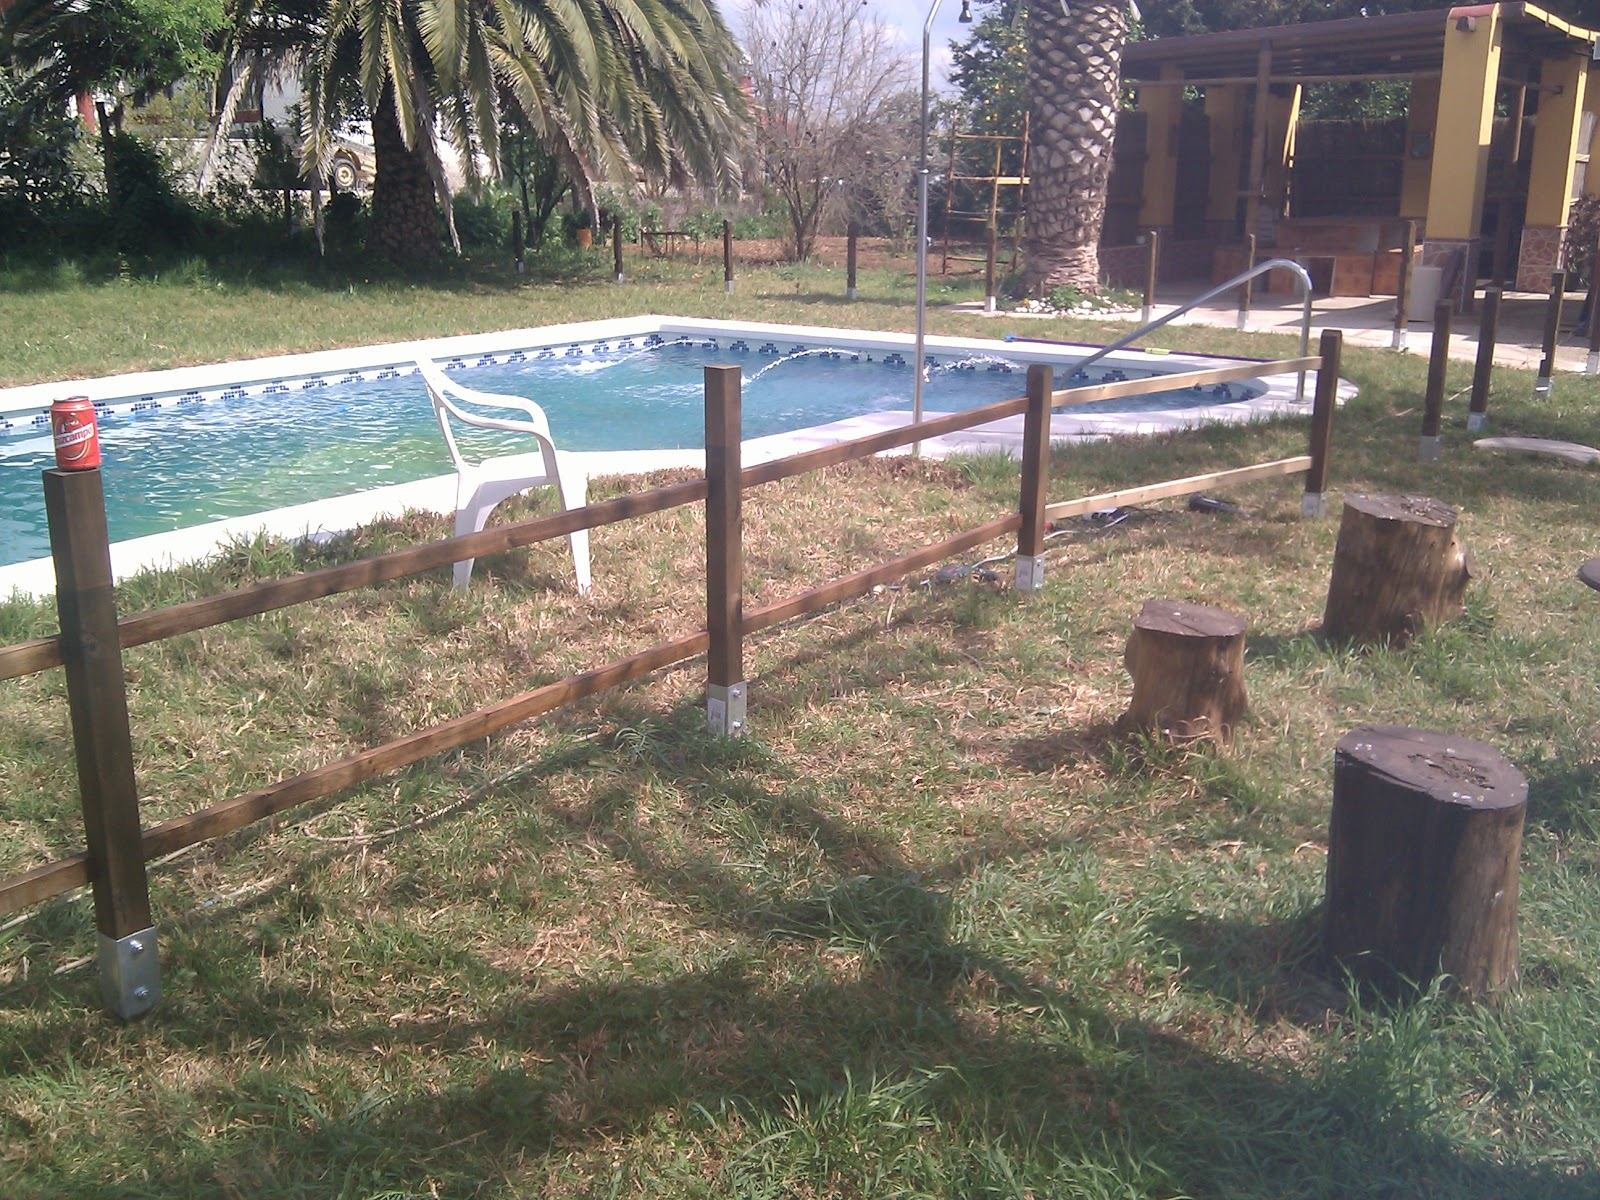 Rusticolaje valla de madera para piscina paso 3 colocaci n de la valla - Vallas de madera para piscinas ...